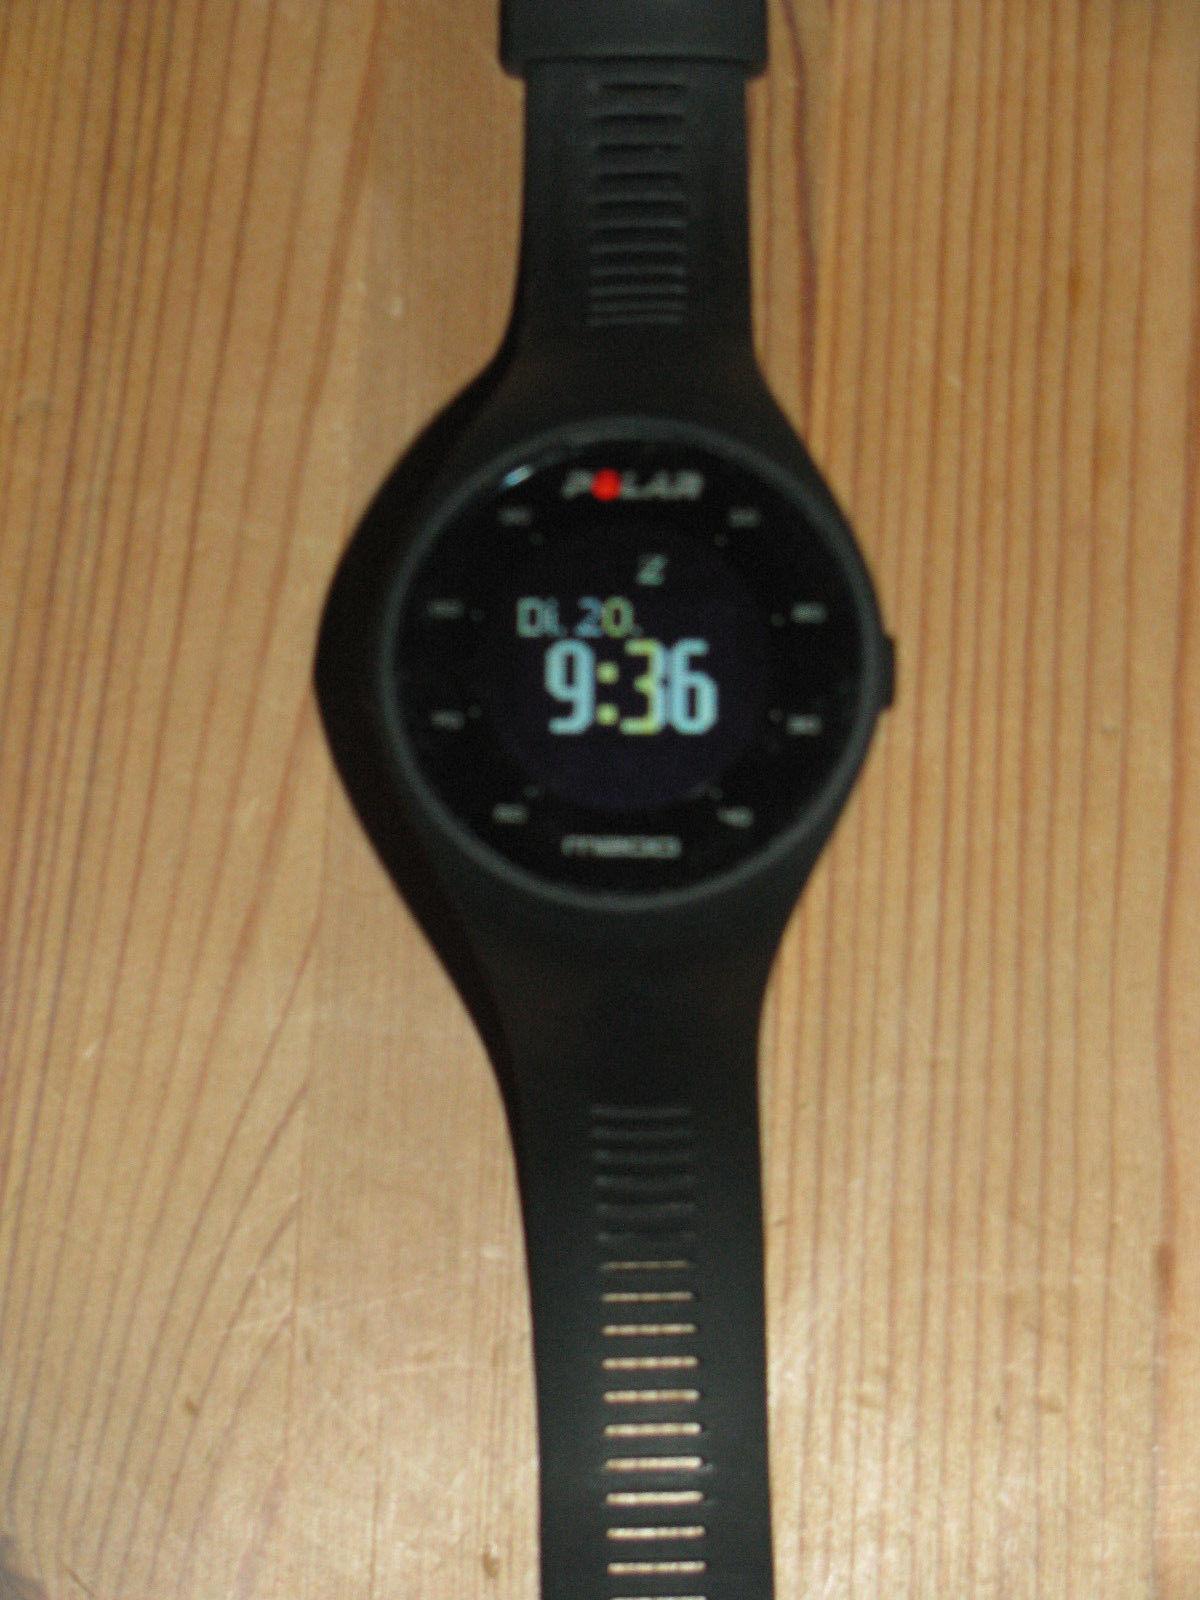 Polar M200 Sportuhr Fitnesstracker Laufuhr 1 Jahr alt aber so gut wie neu